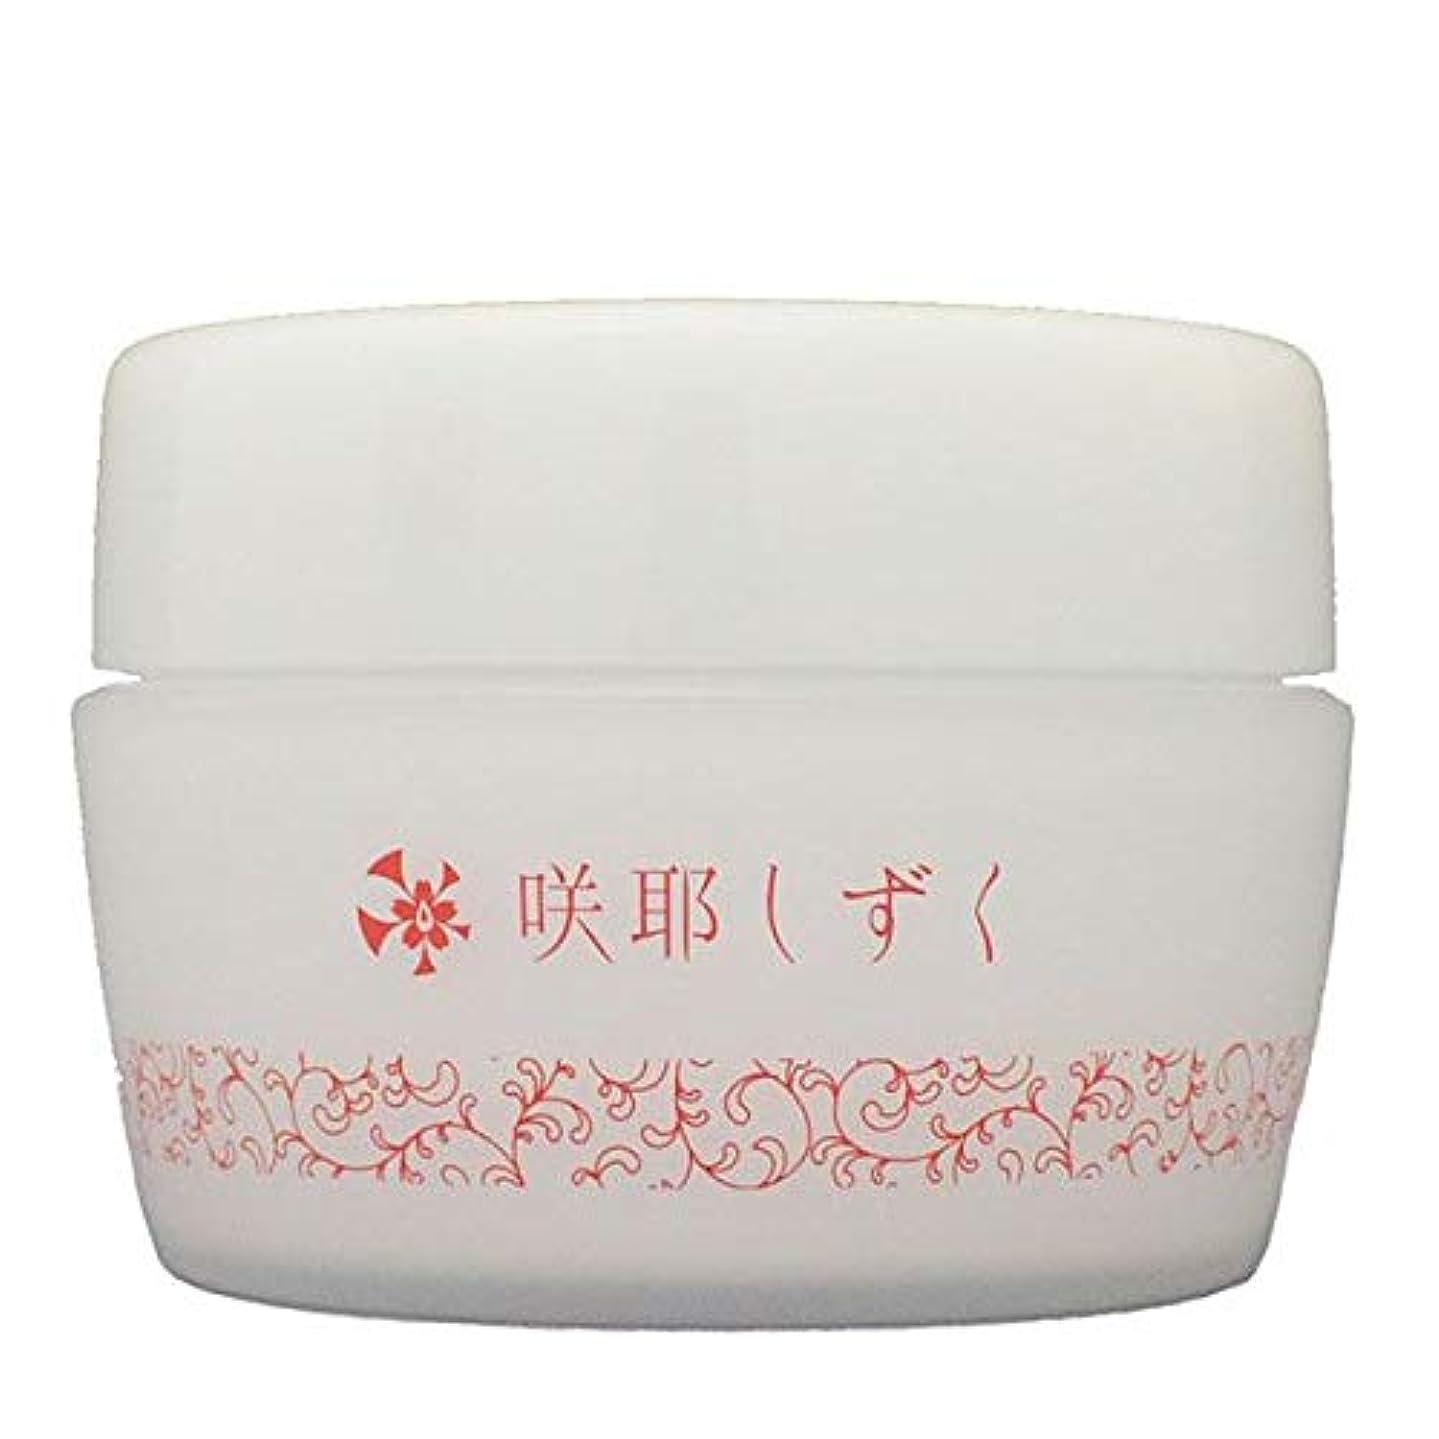 オーストラリア緩むに向かって咲耶しずく クリーム 乾燥肌 さくやしずく 敏感肌 エムズジャパン M's Japan ms-sge01